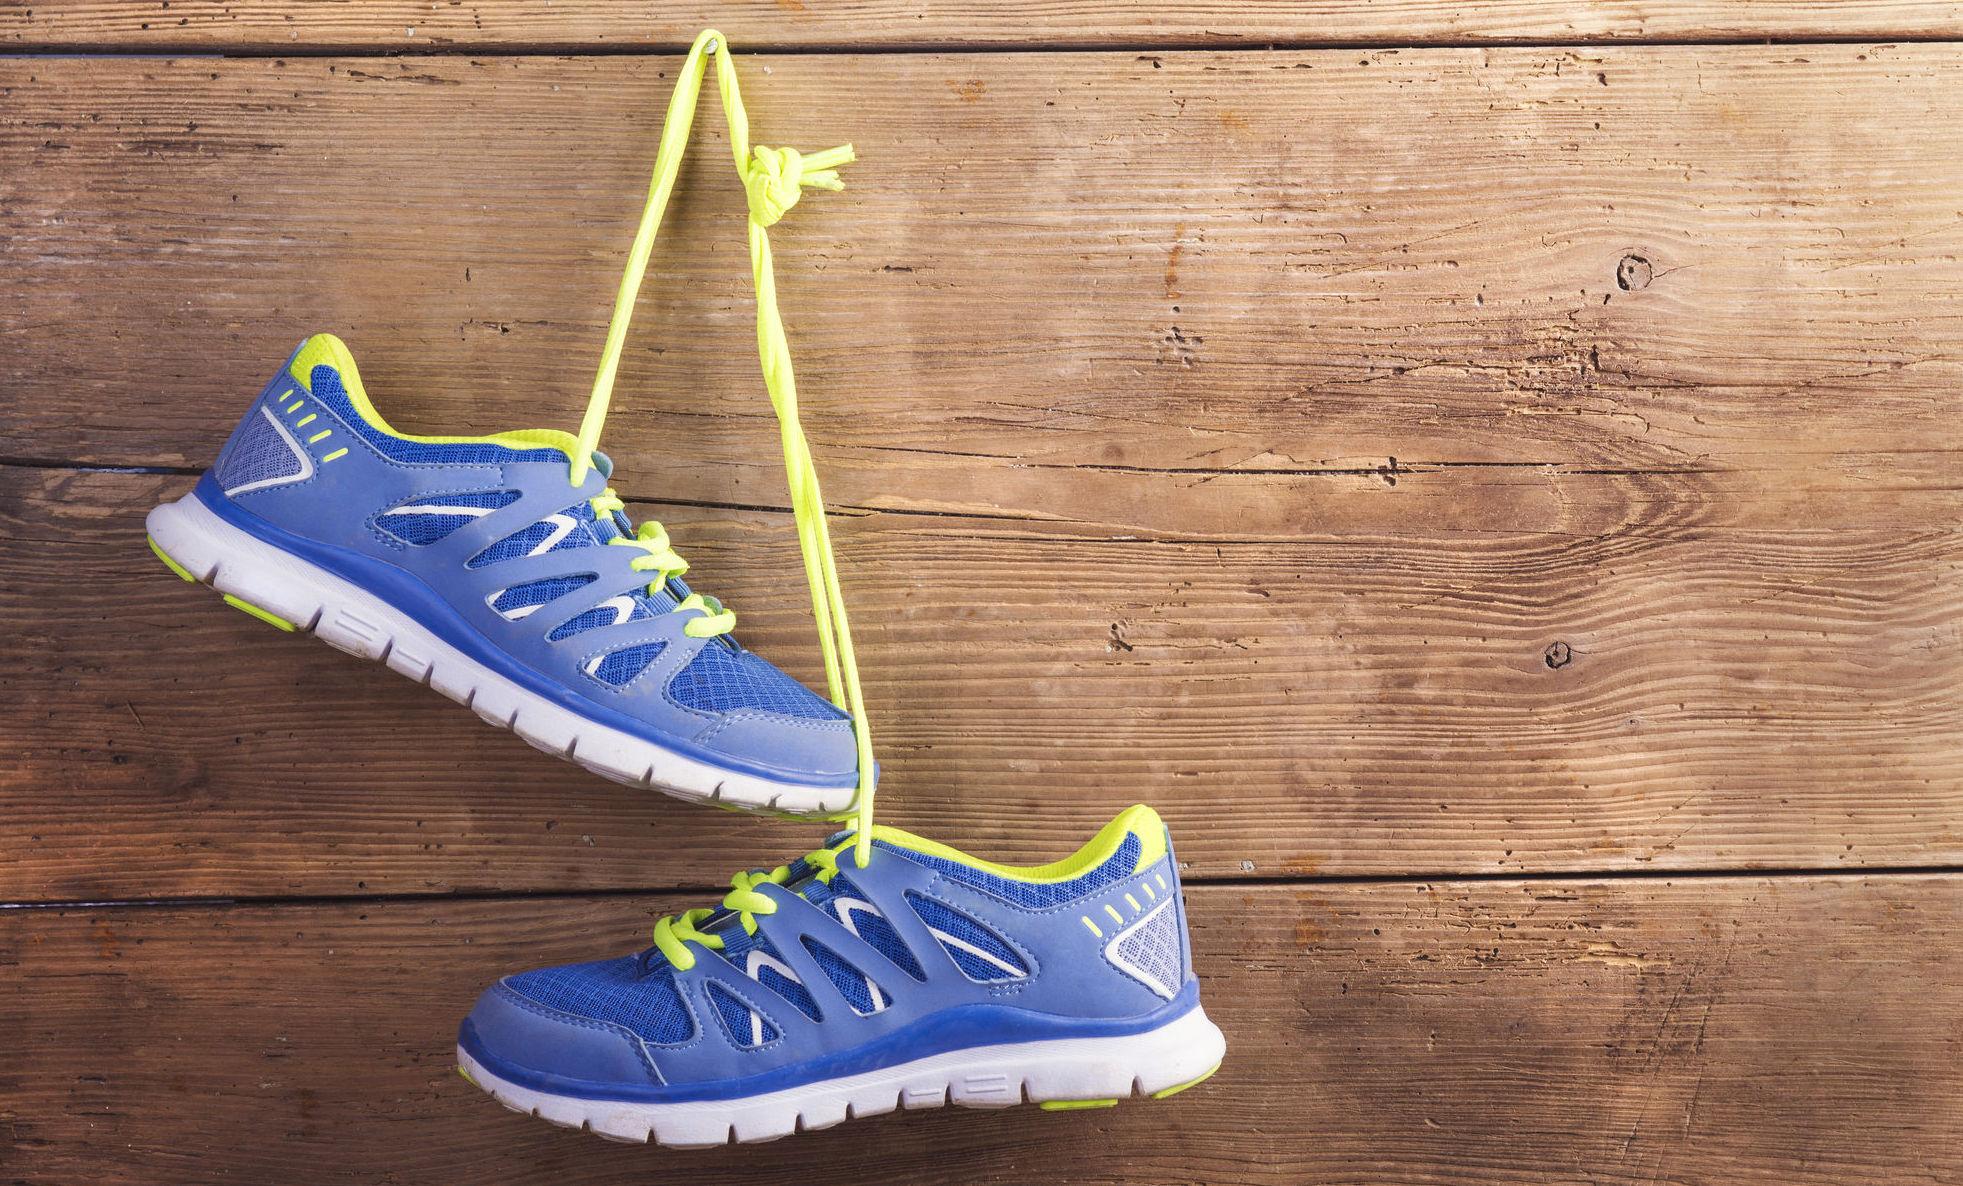 Migliori scarpe running da uomo 2021: Guida all'acquisto